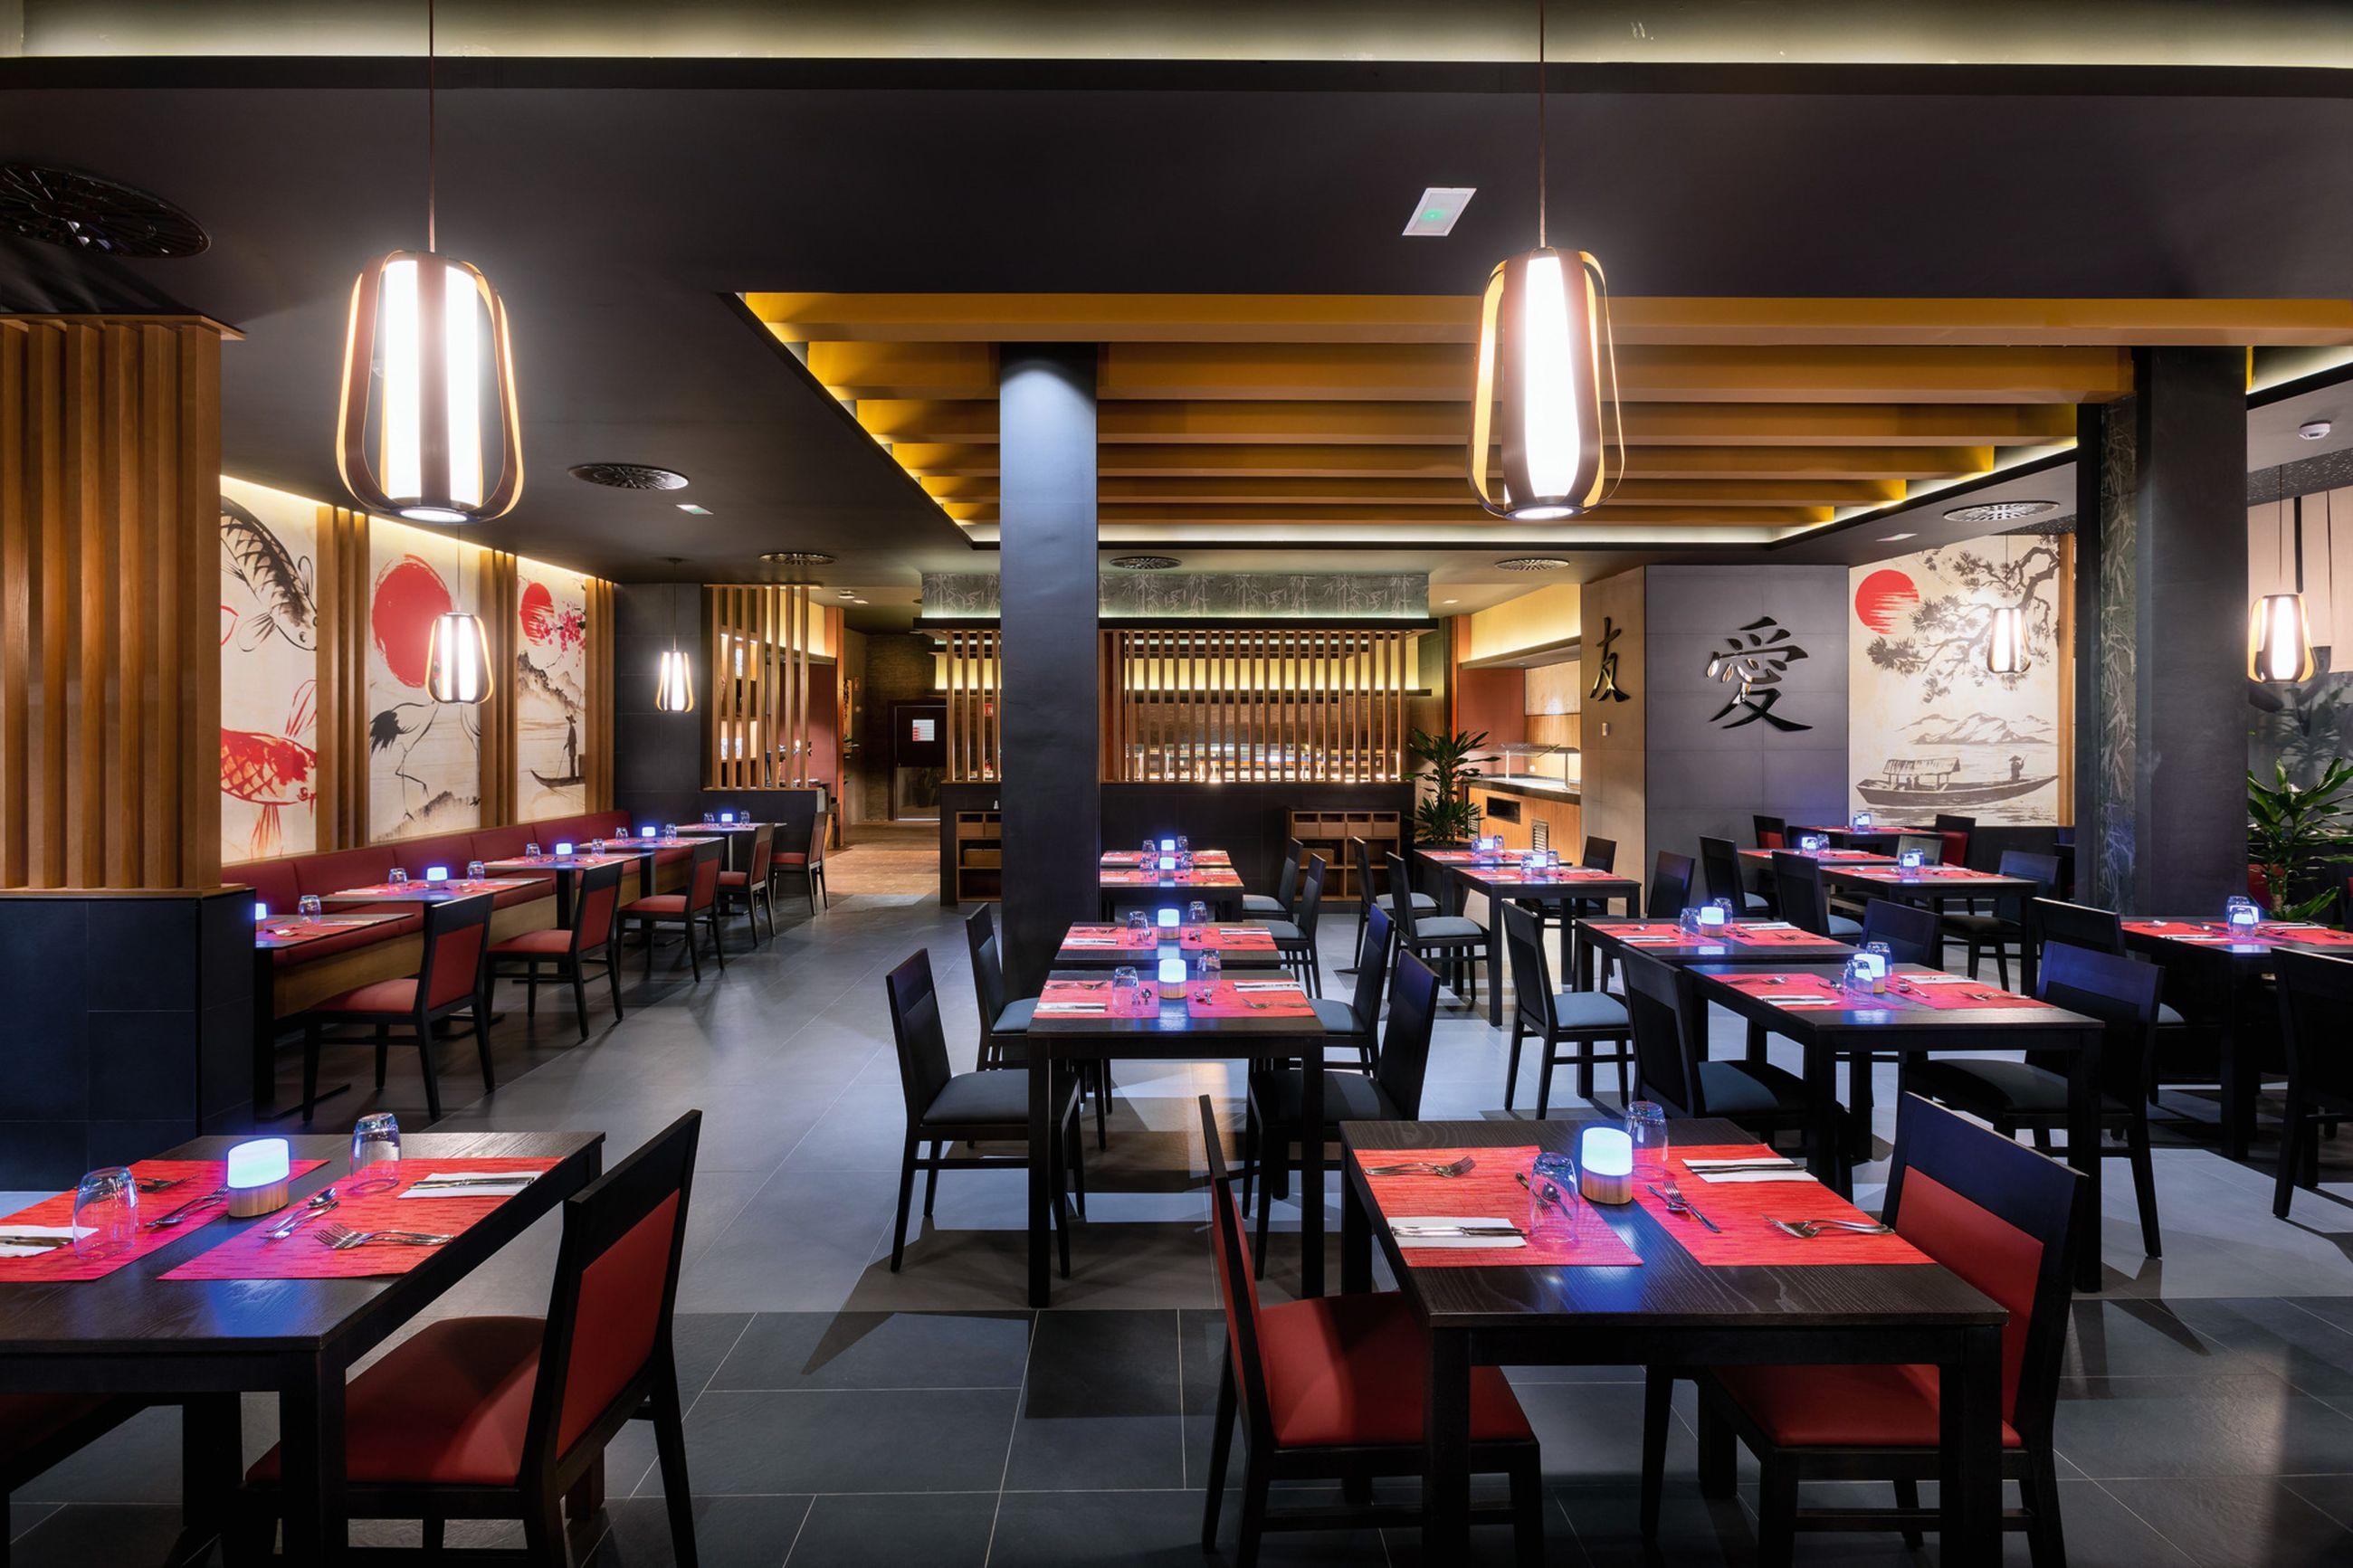 https://bubo.sk/uploads/galleries/7416/bvi_20_049---asian-restaurant_vysledok.jpg